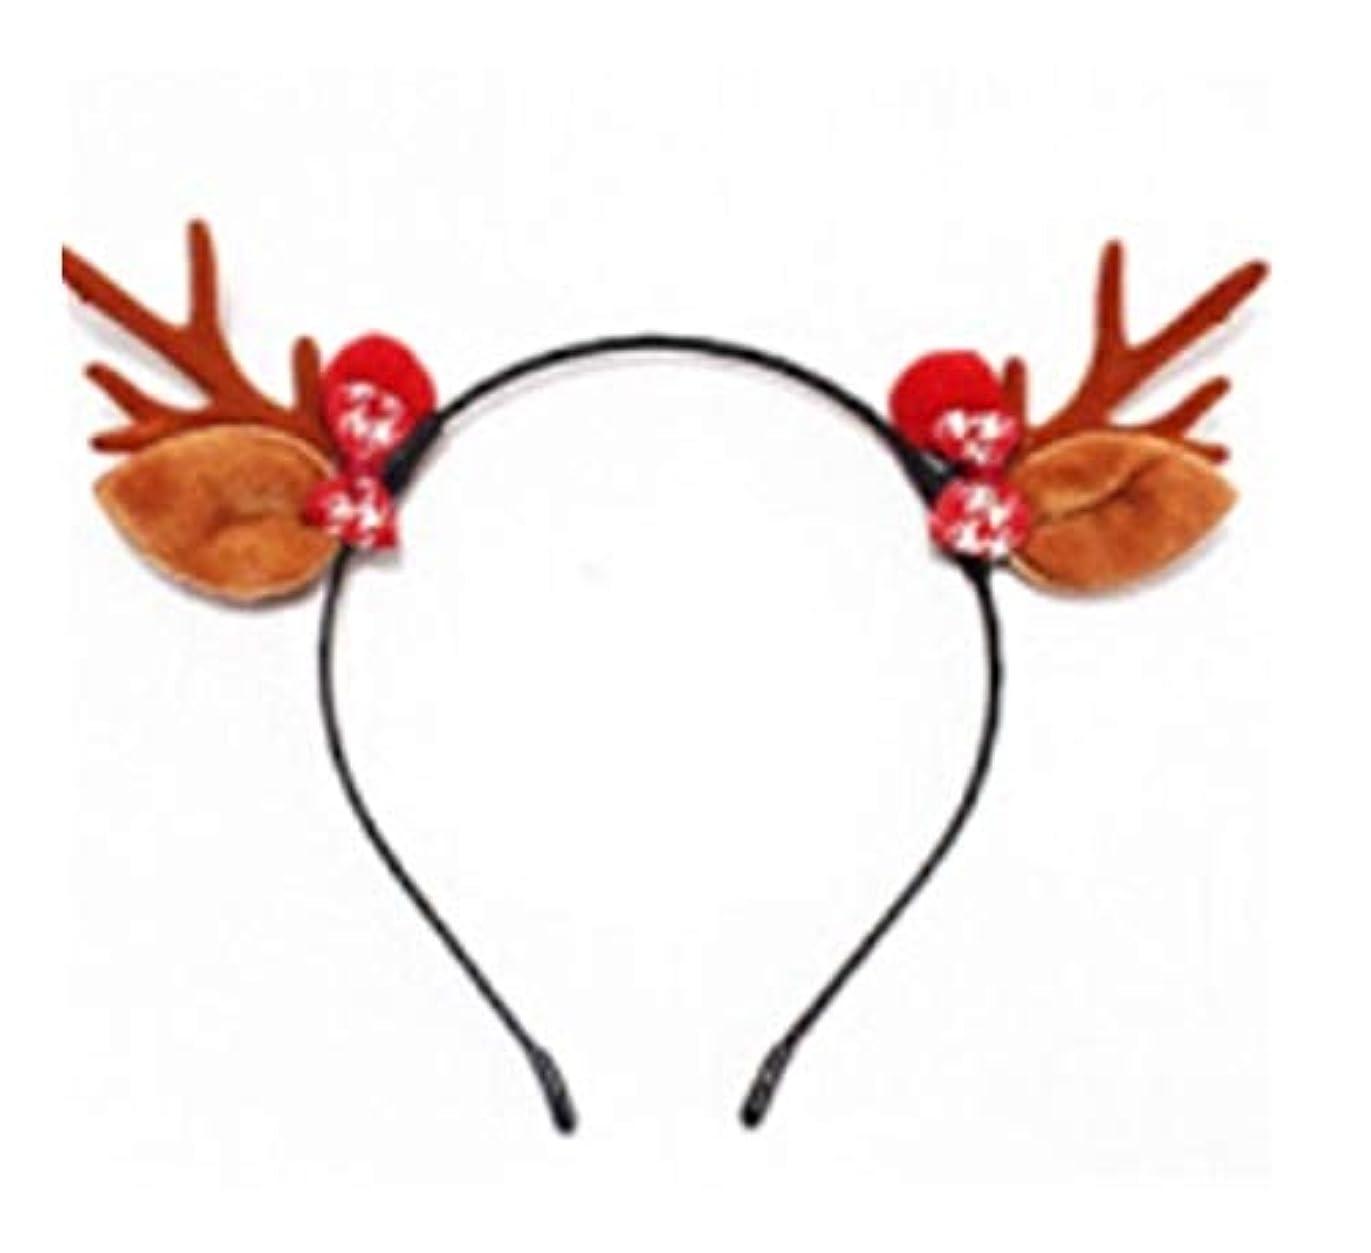 忙しい合法精査するクリスマスヘッドバンドの枝角のティアラヘアクリップセン女性のヘアアクセサリーは、甘いヘッドバンド小さなヘラジカのヘアクリップピスタチオアントラーズの耳のカチューシャを装飾します (Style : E)